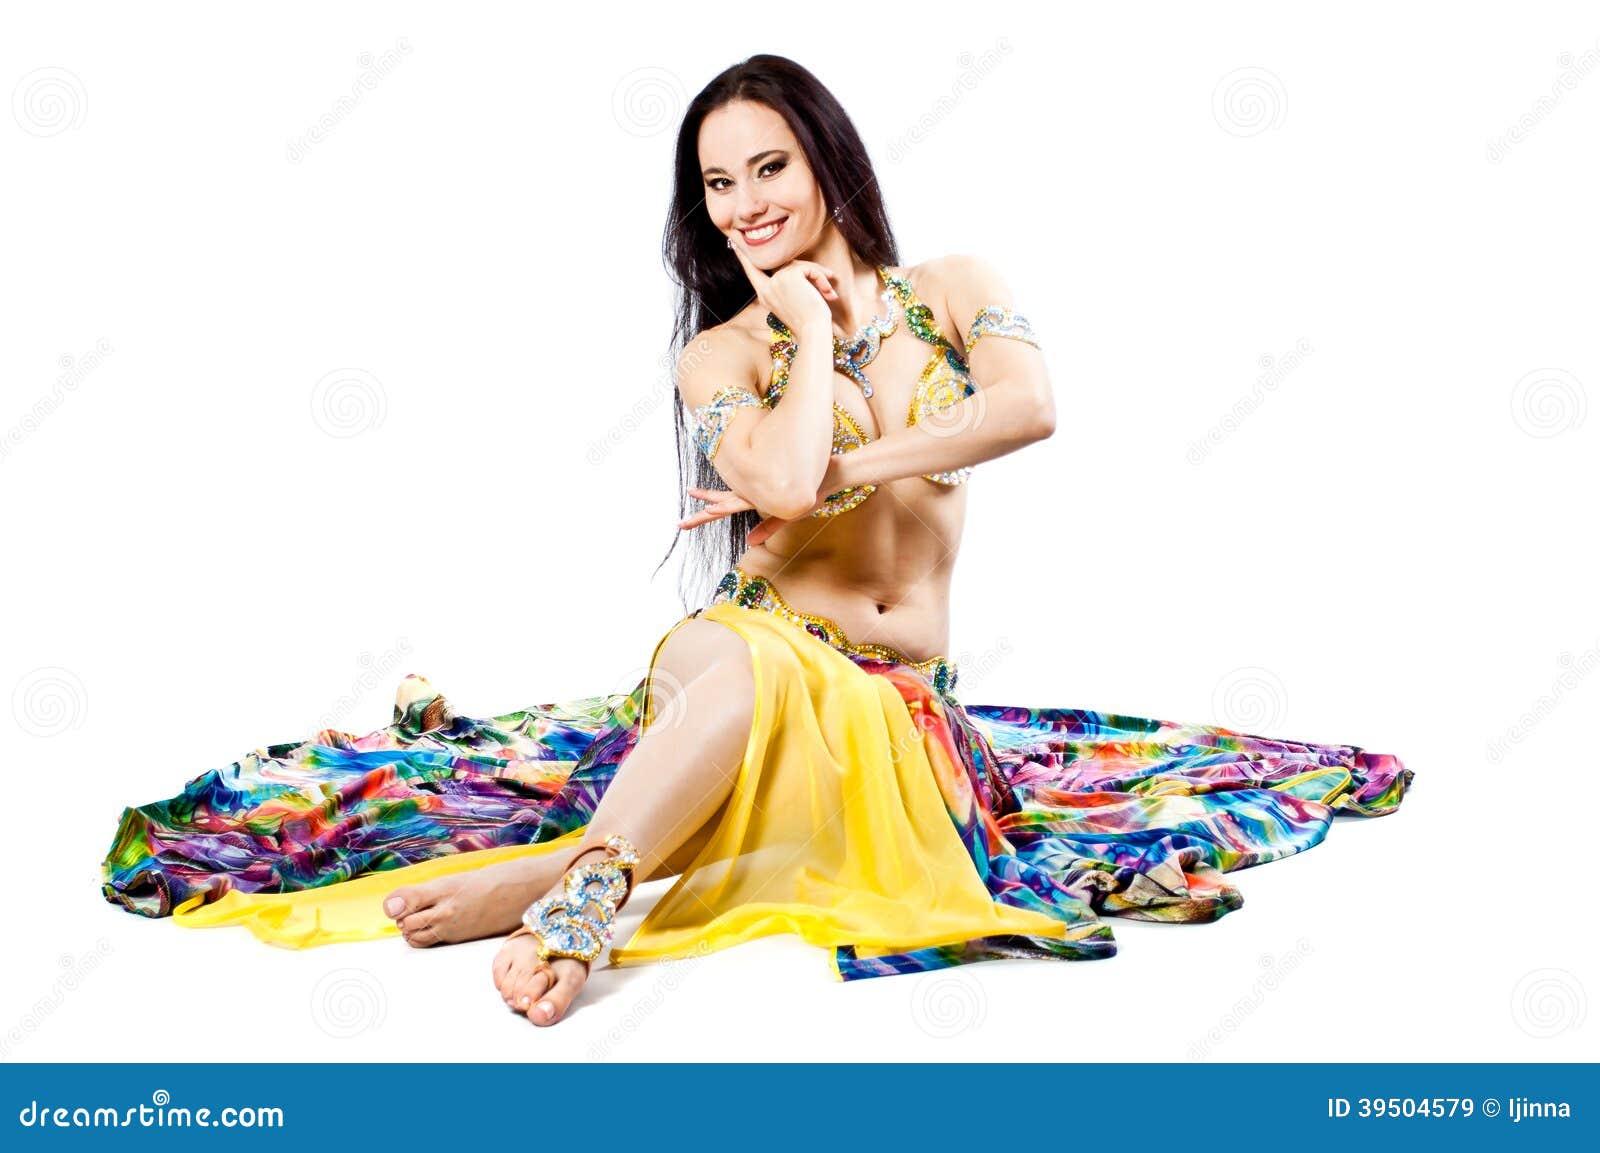 Bellydancer girl portrait